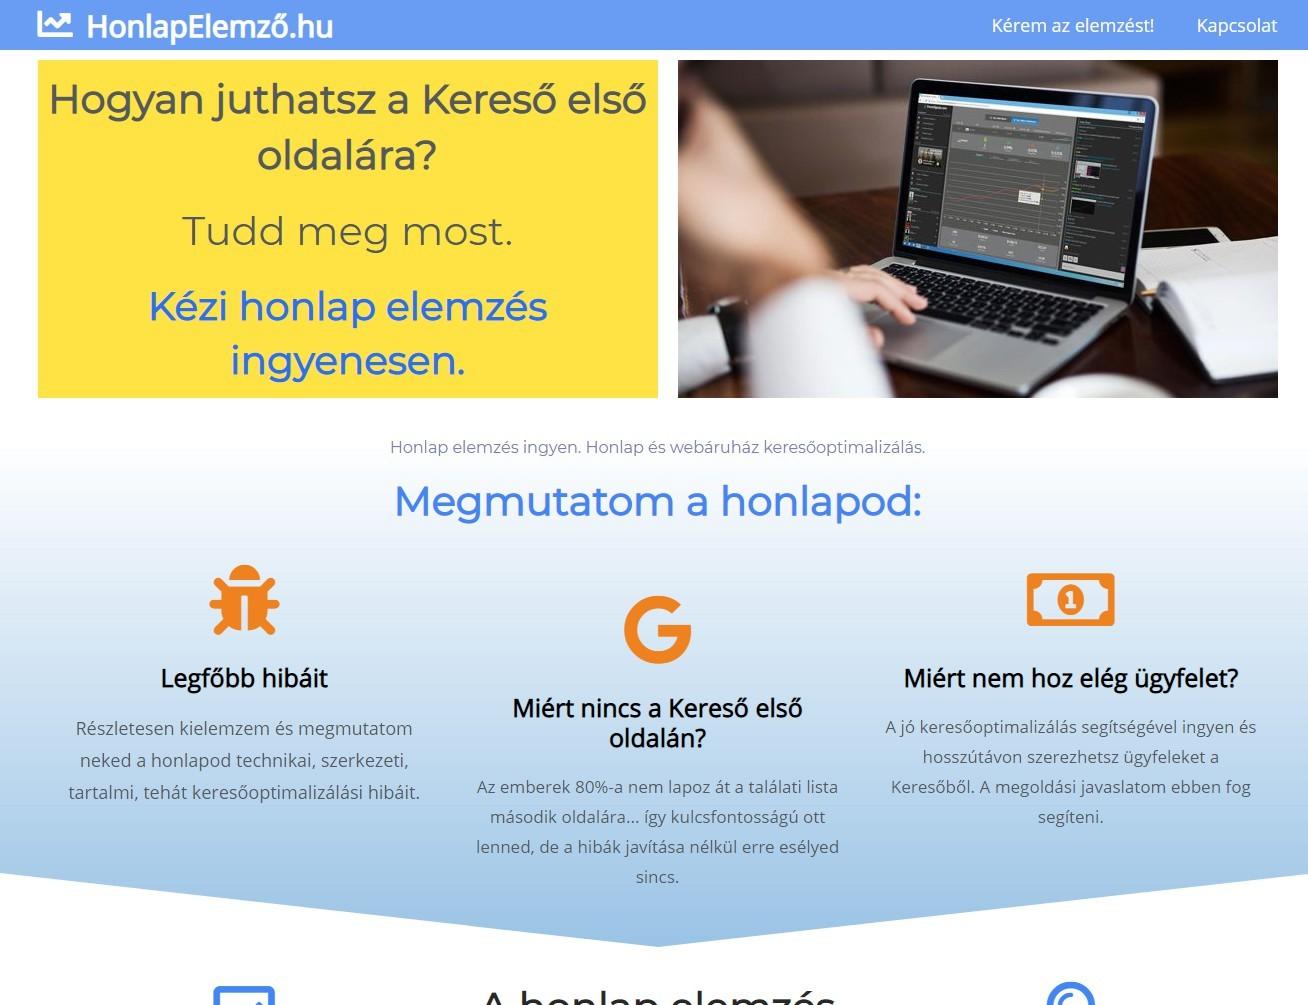 referencia honlapelemző